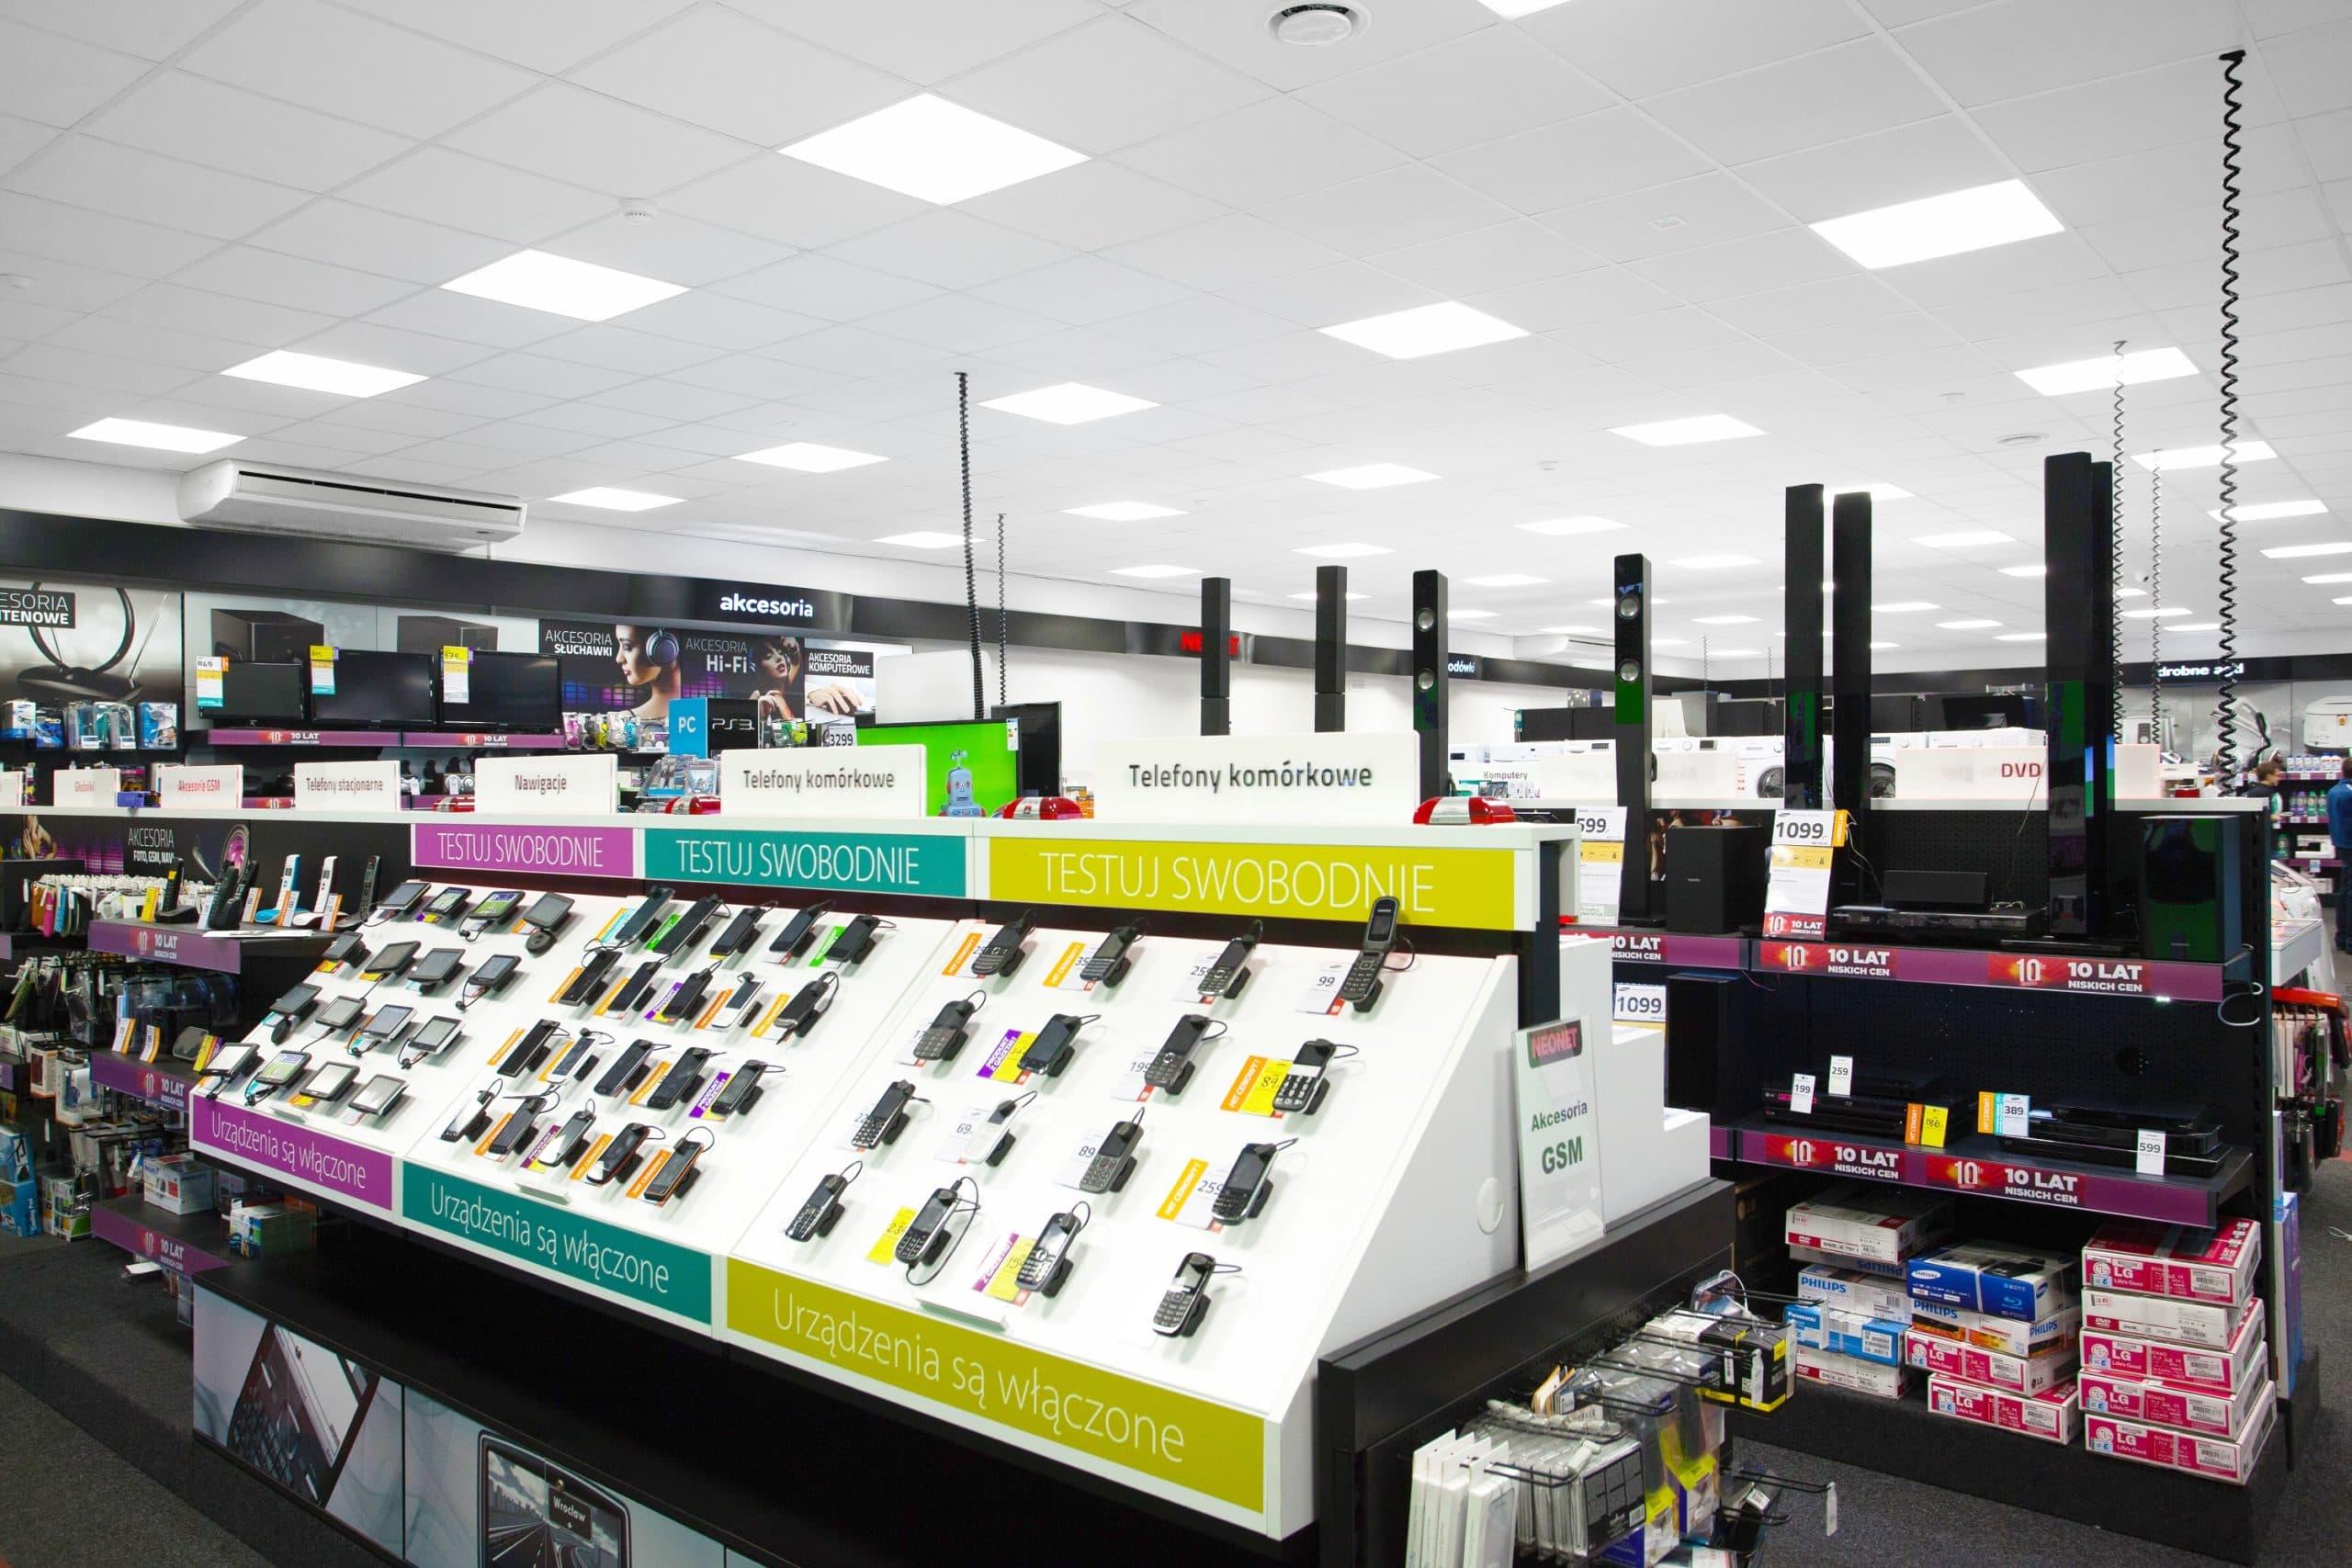 Oświetlenie podtynkowe led w sklepie Neonet - Luxon LED